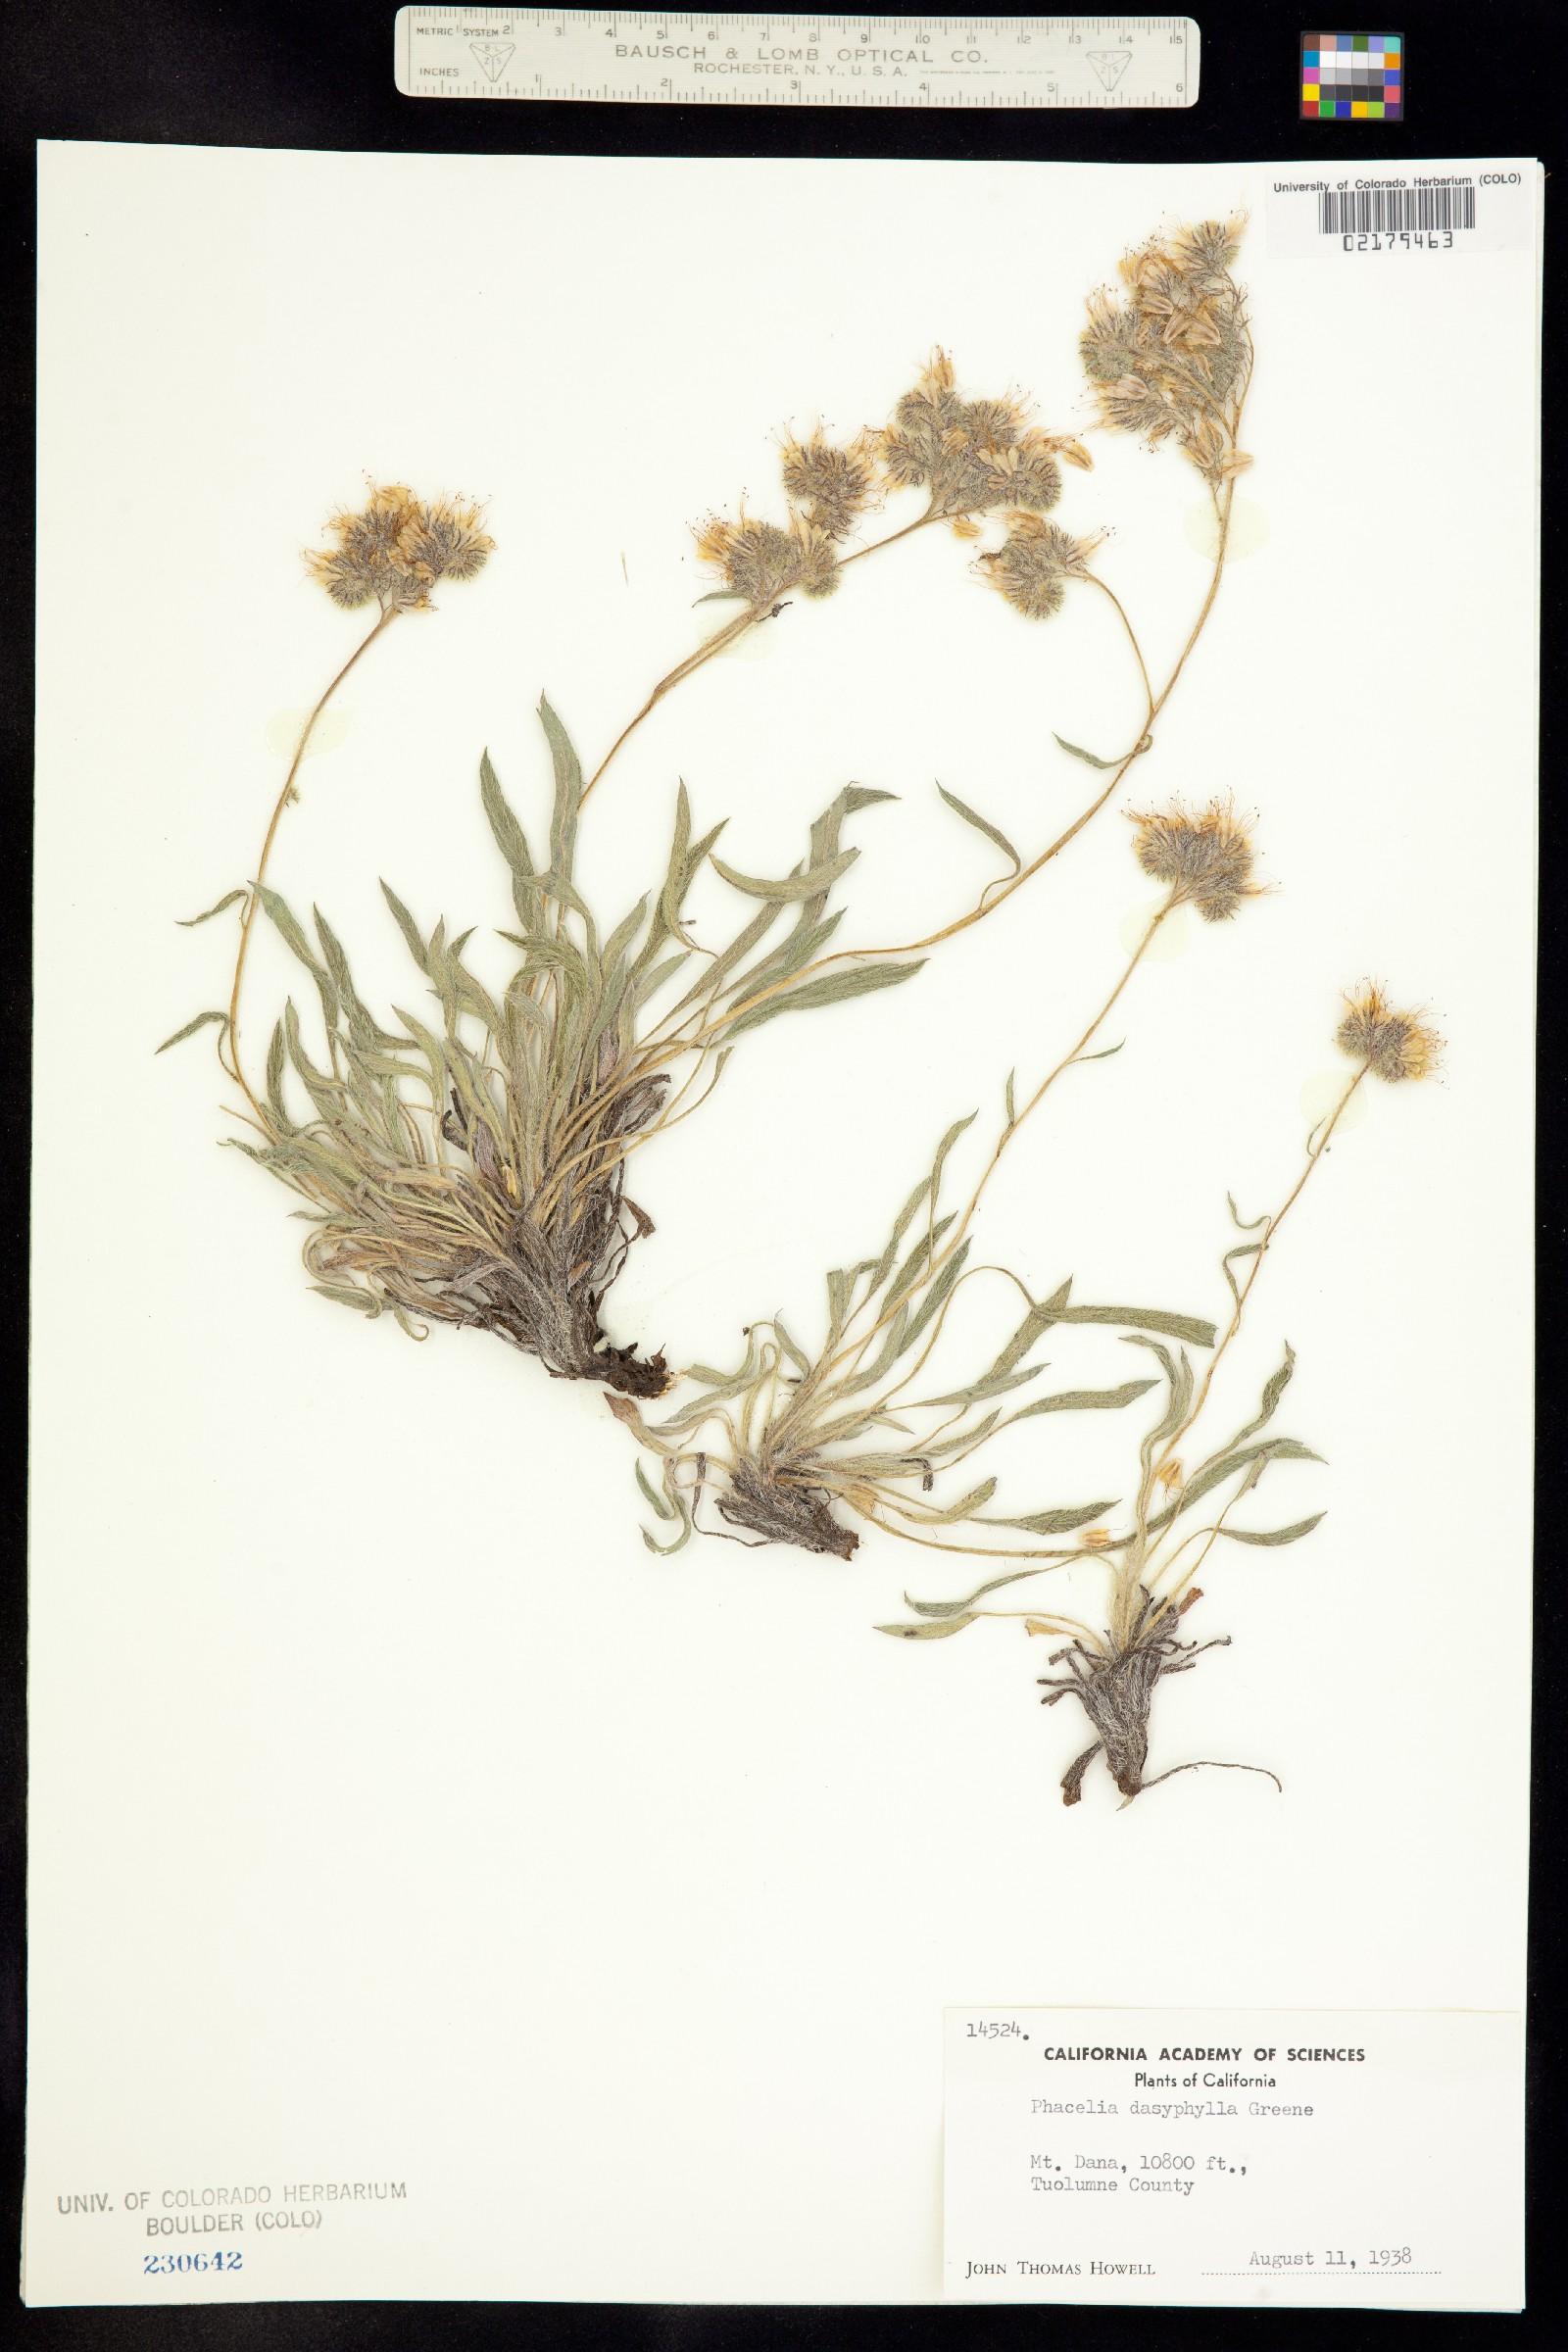 Phacelia hastata var. dasyphylla image